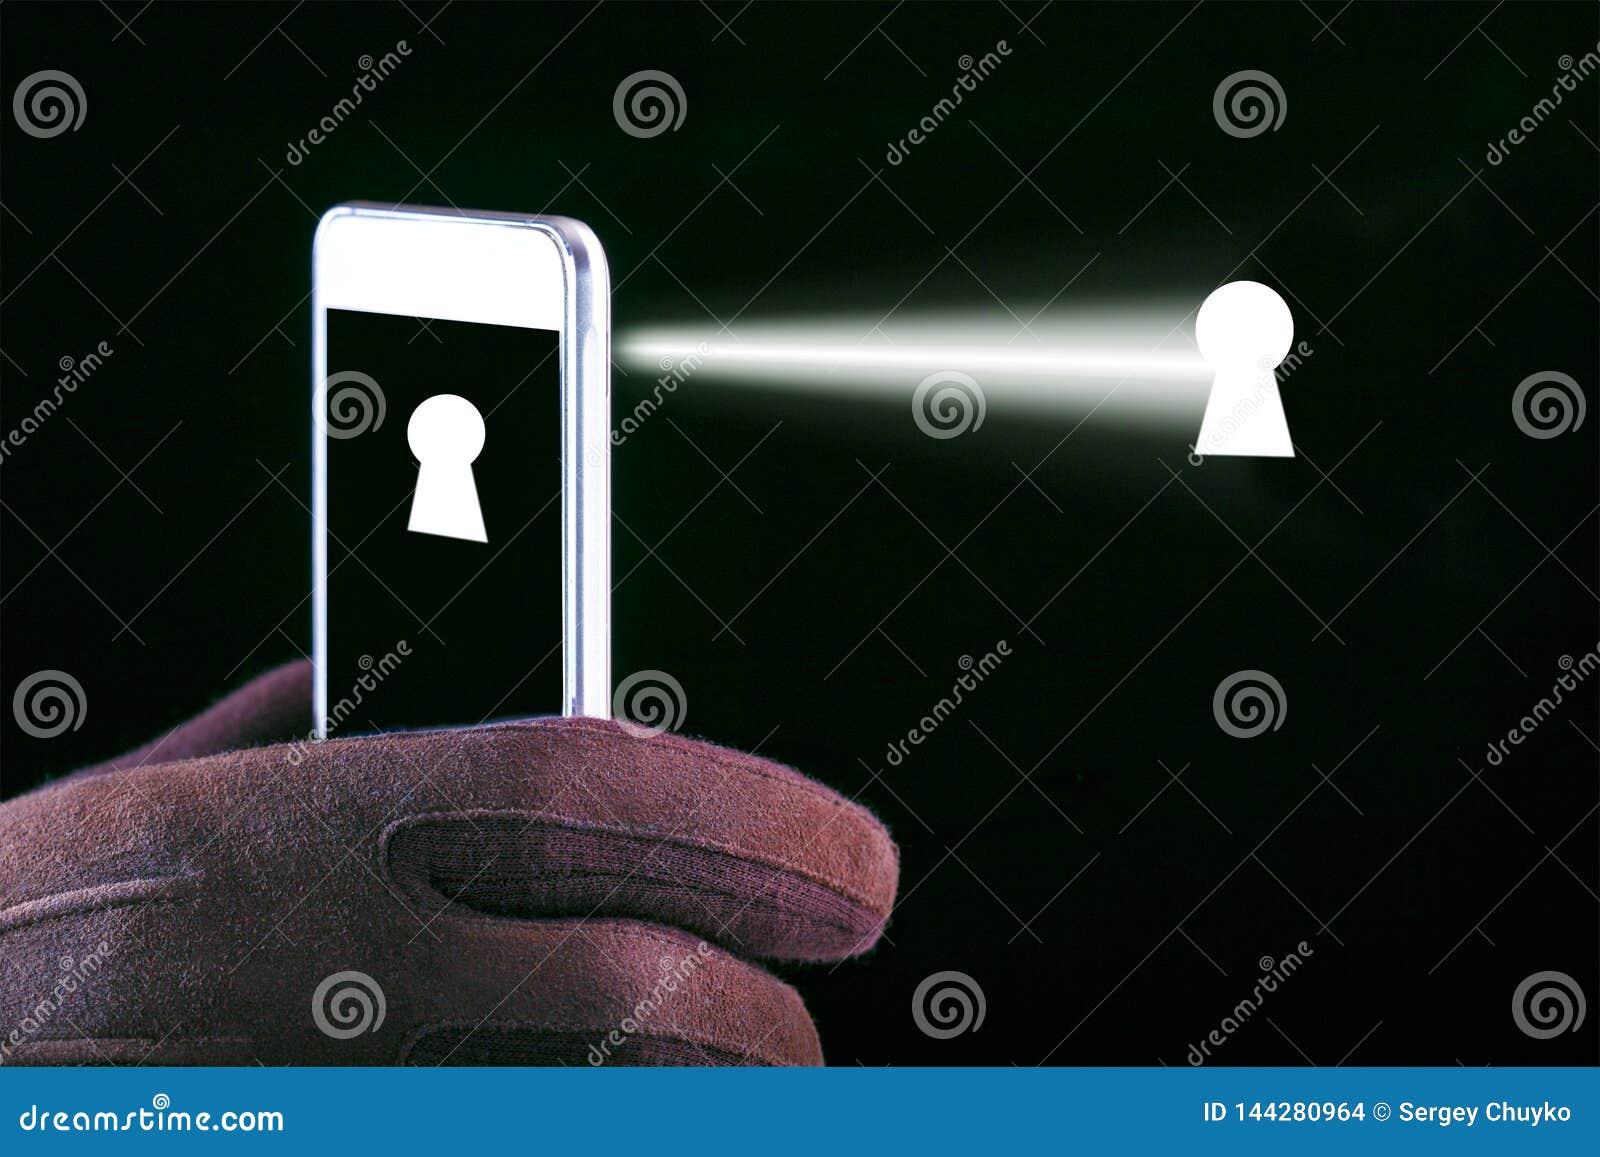 Έννοια της καταδίωξης στο smartphone και τις συσκευές Εισβολή της μυστικότητας